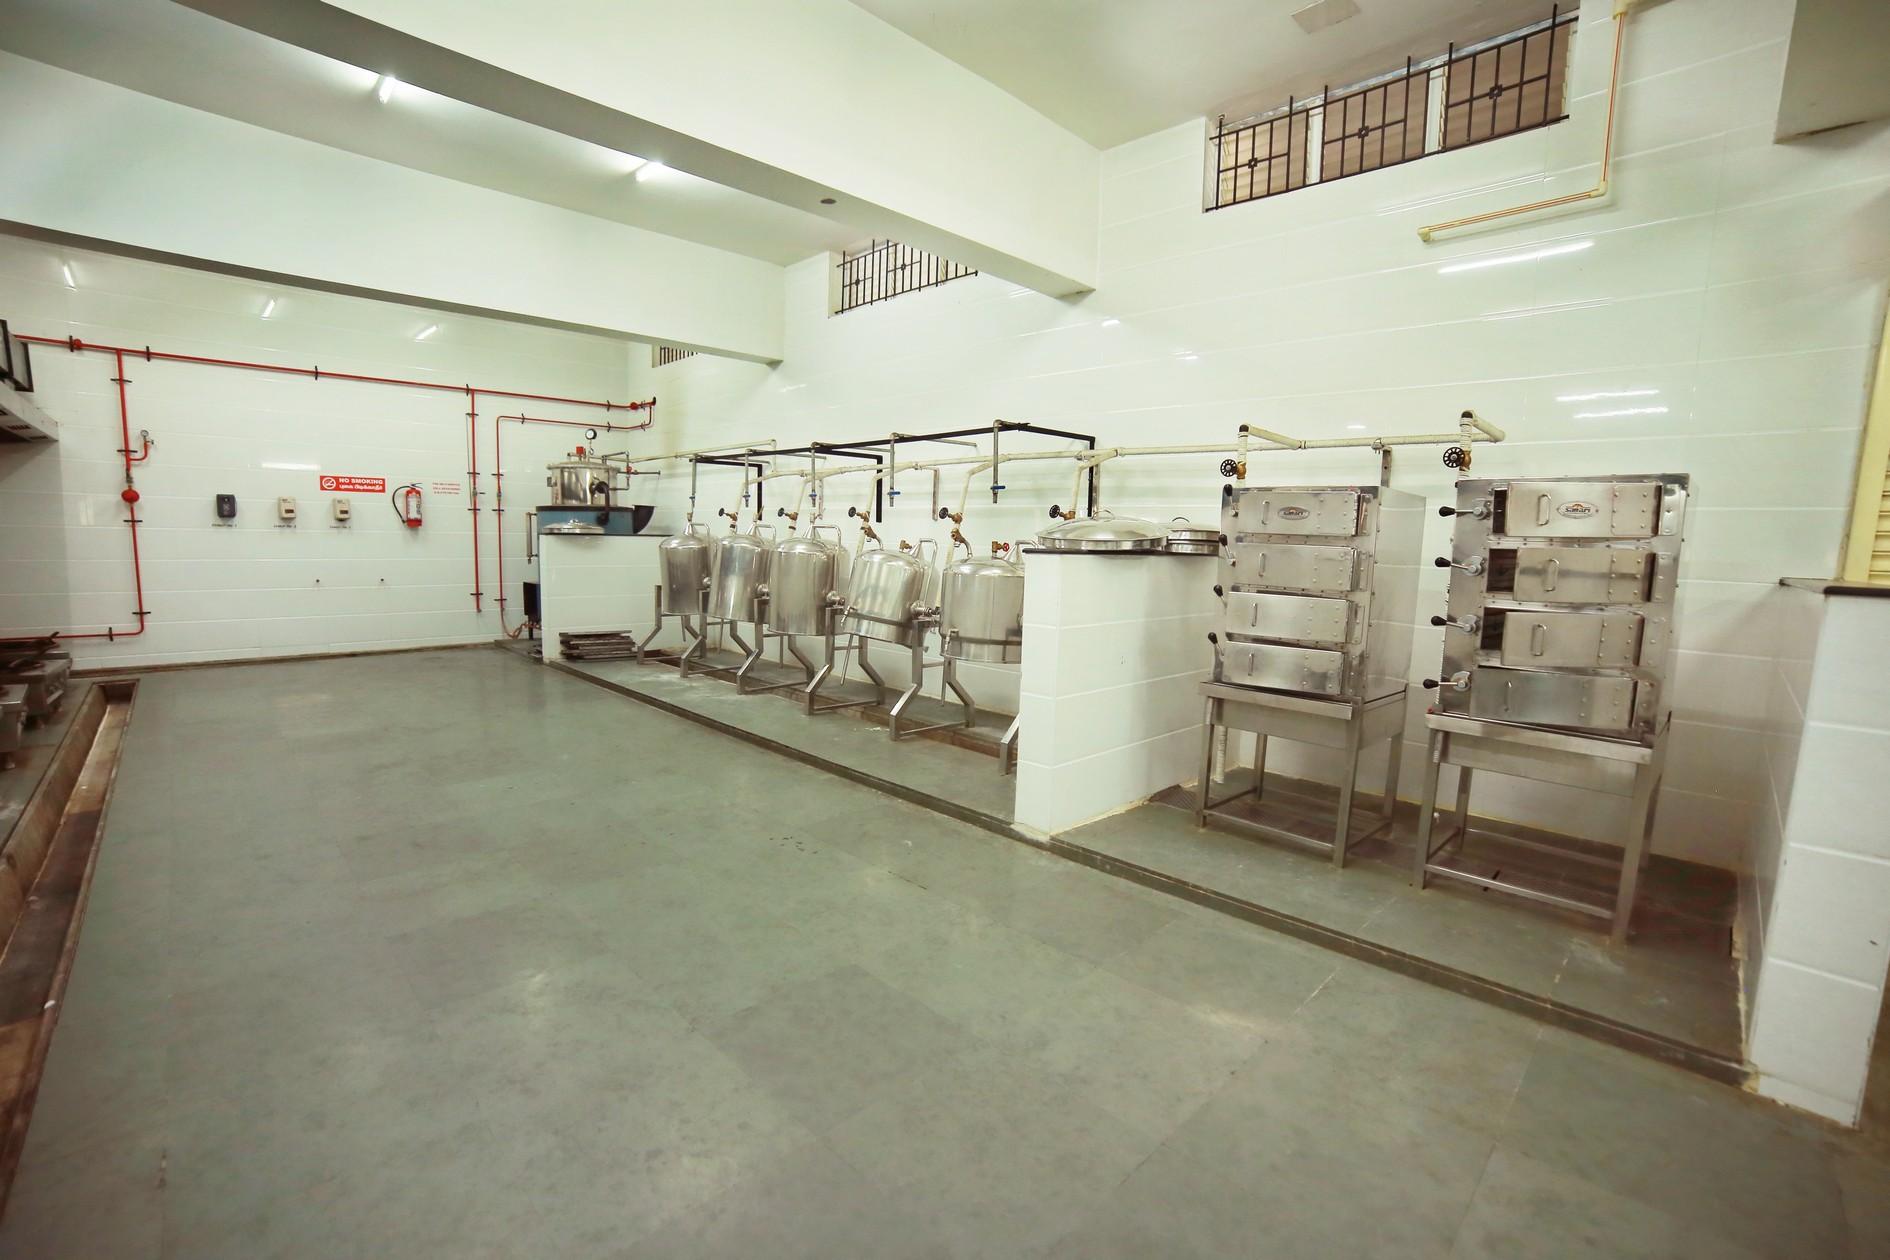 Kitchen steam area